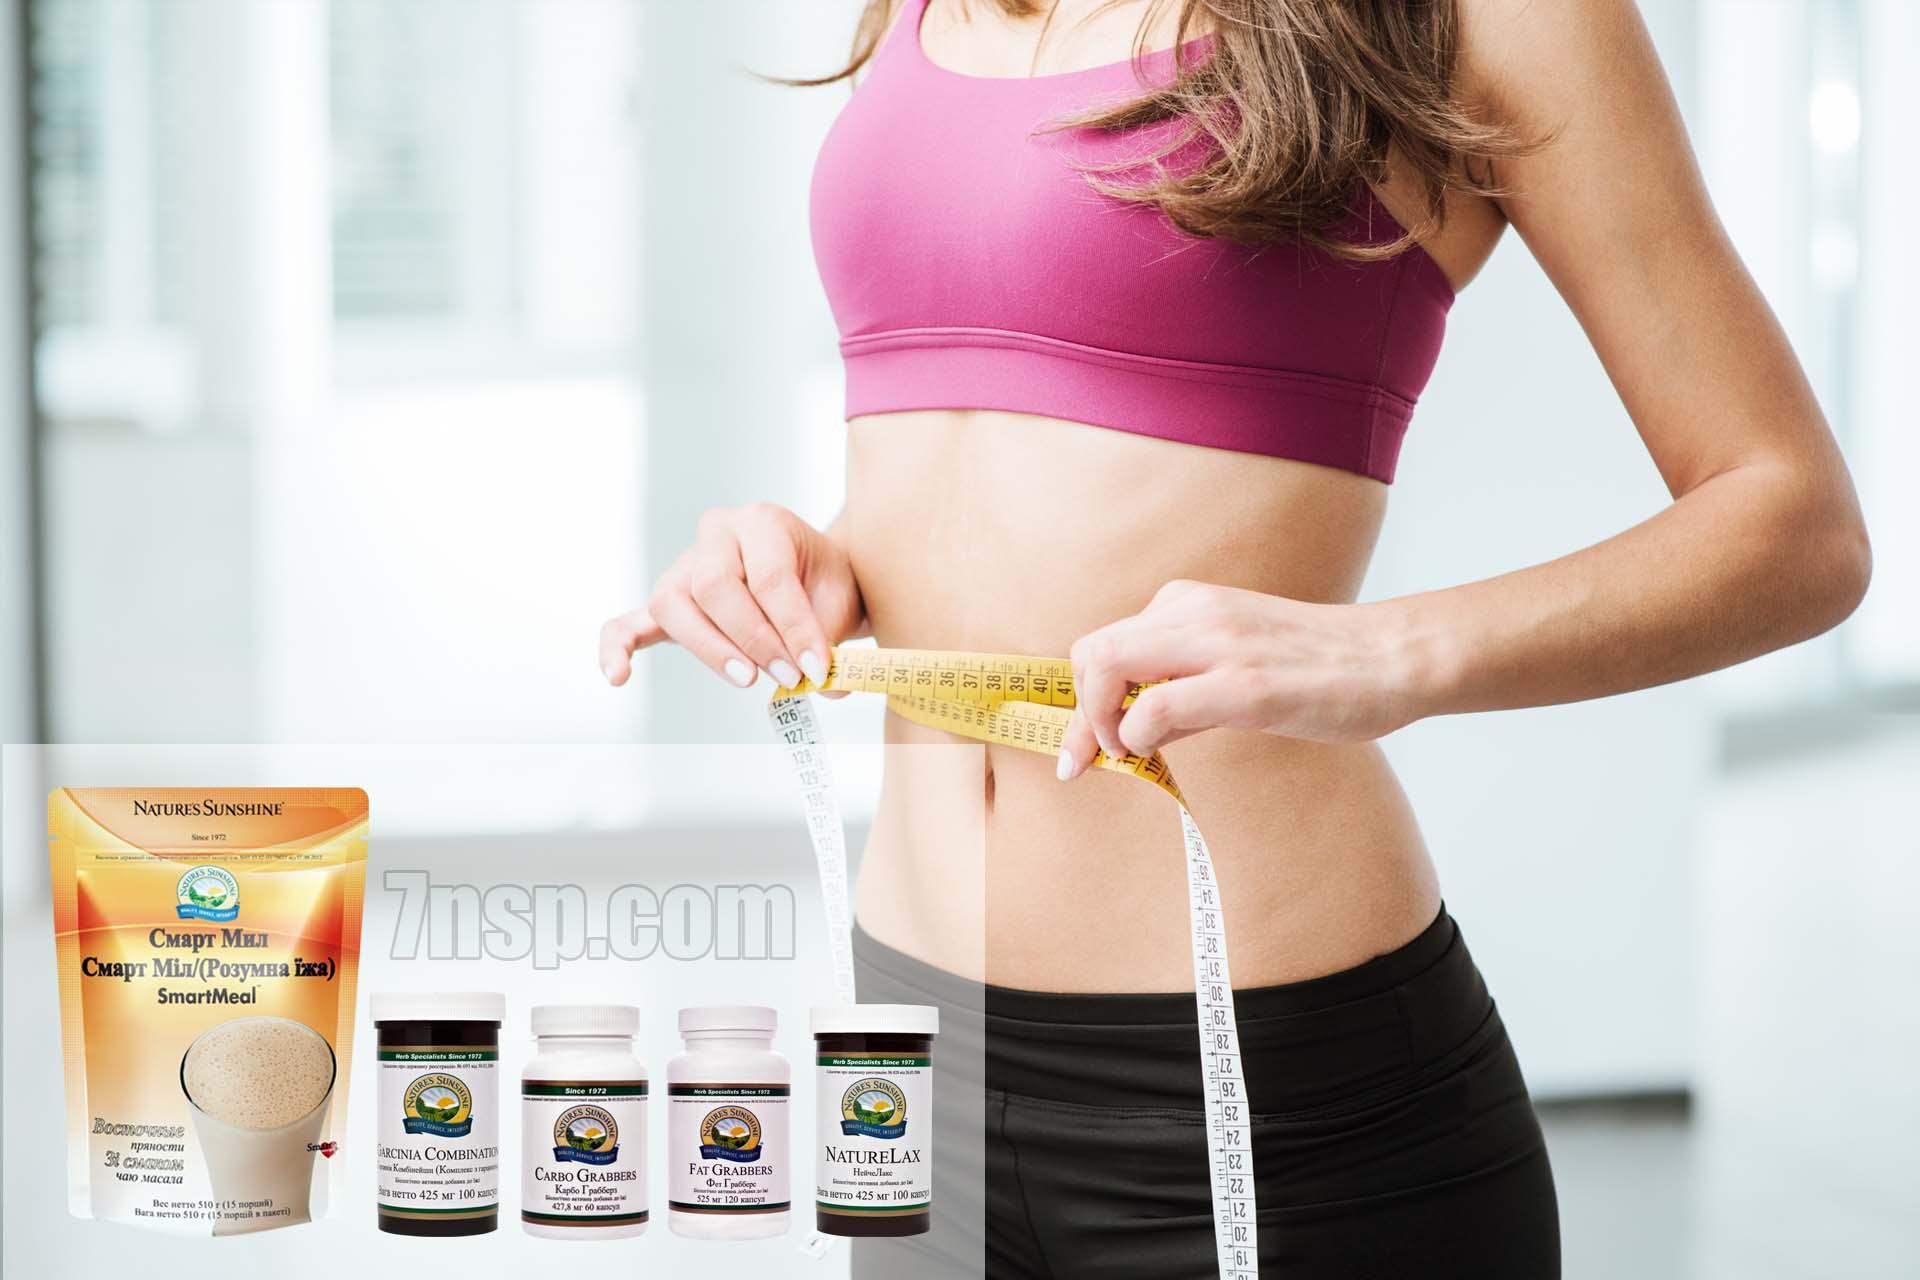 Лекарства Чтобы Сбросить Вес. Лекарство для похудения без вреда для здоровья: безопасные средства из аптеки